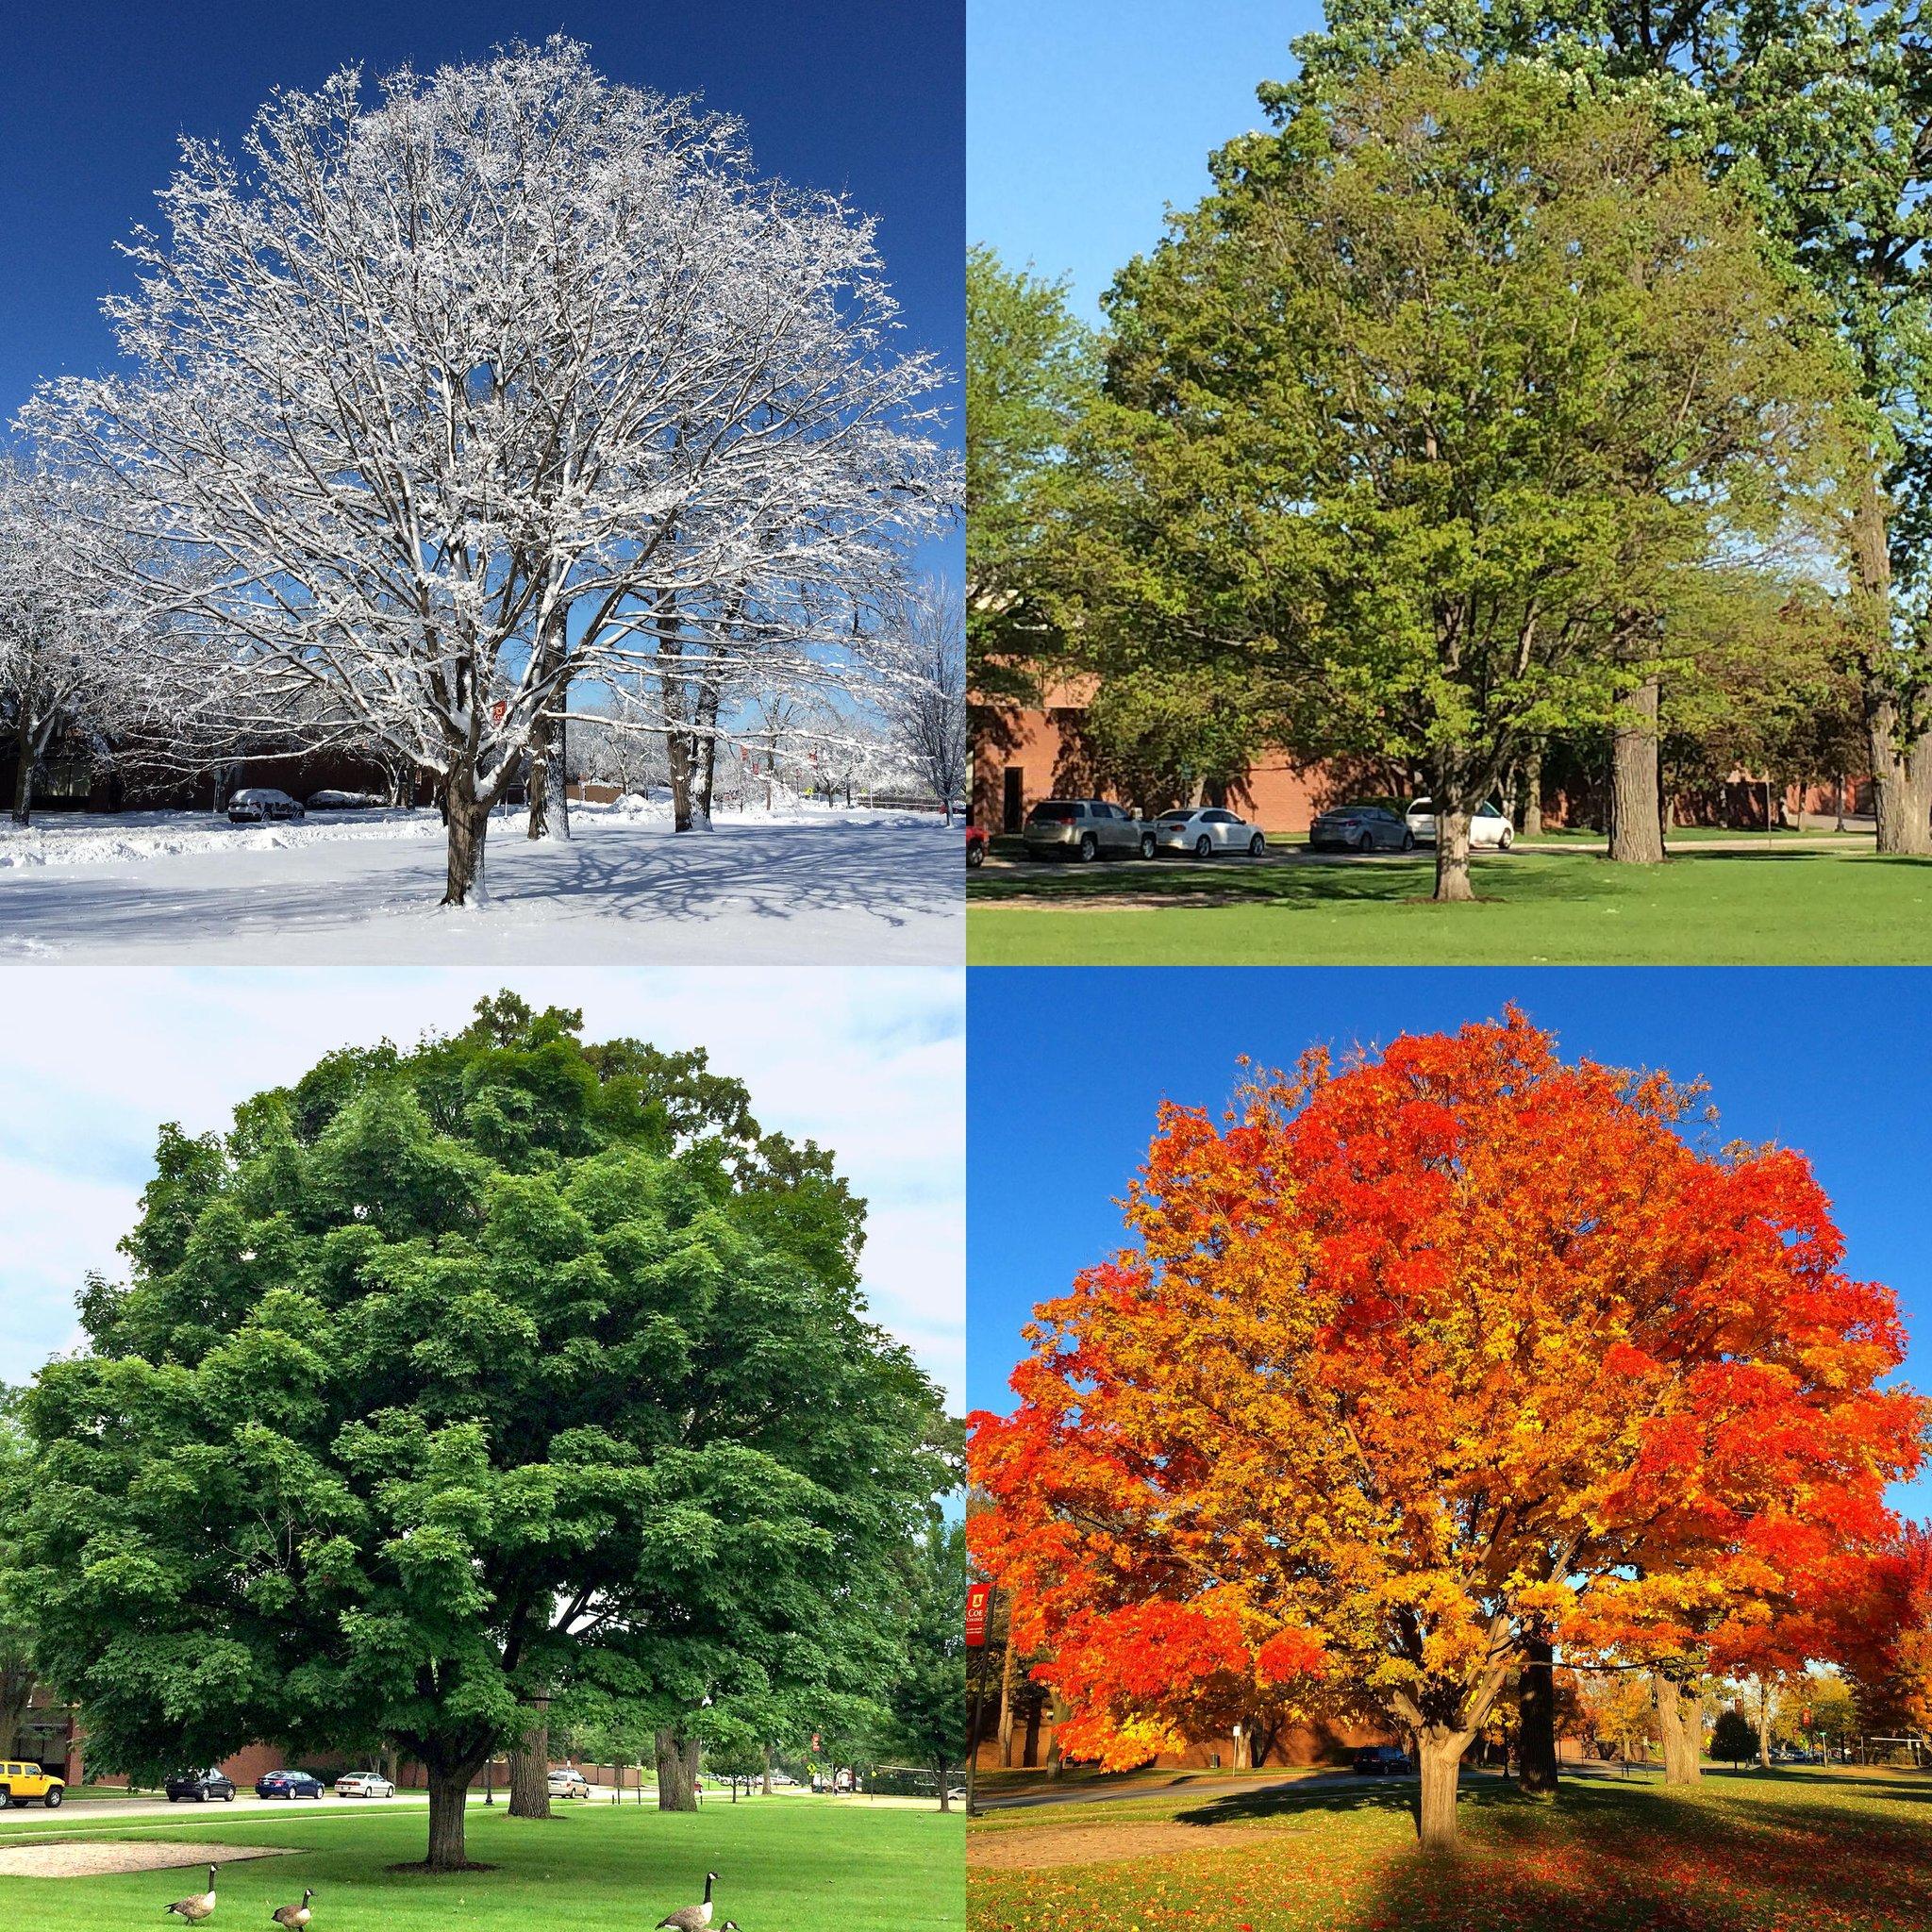 фотографии времен года для календаря рено, представленные